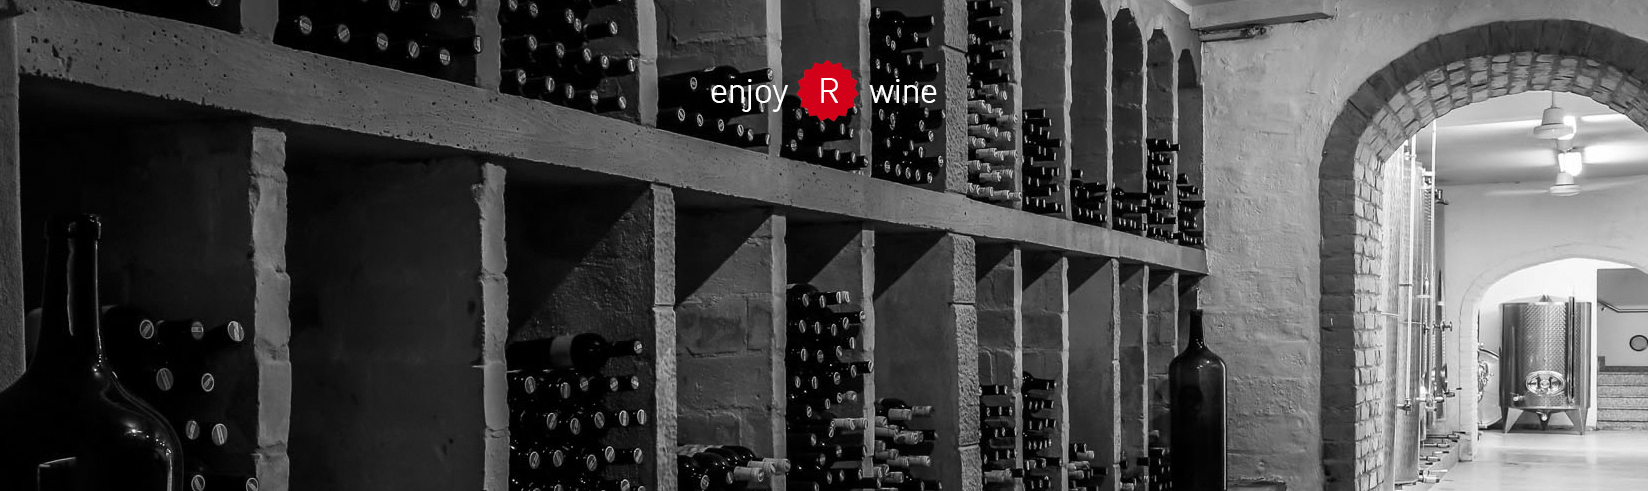 Raritäten-Keller im Weingut Reumann